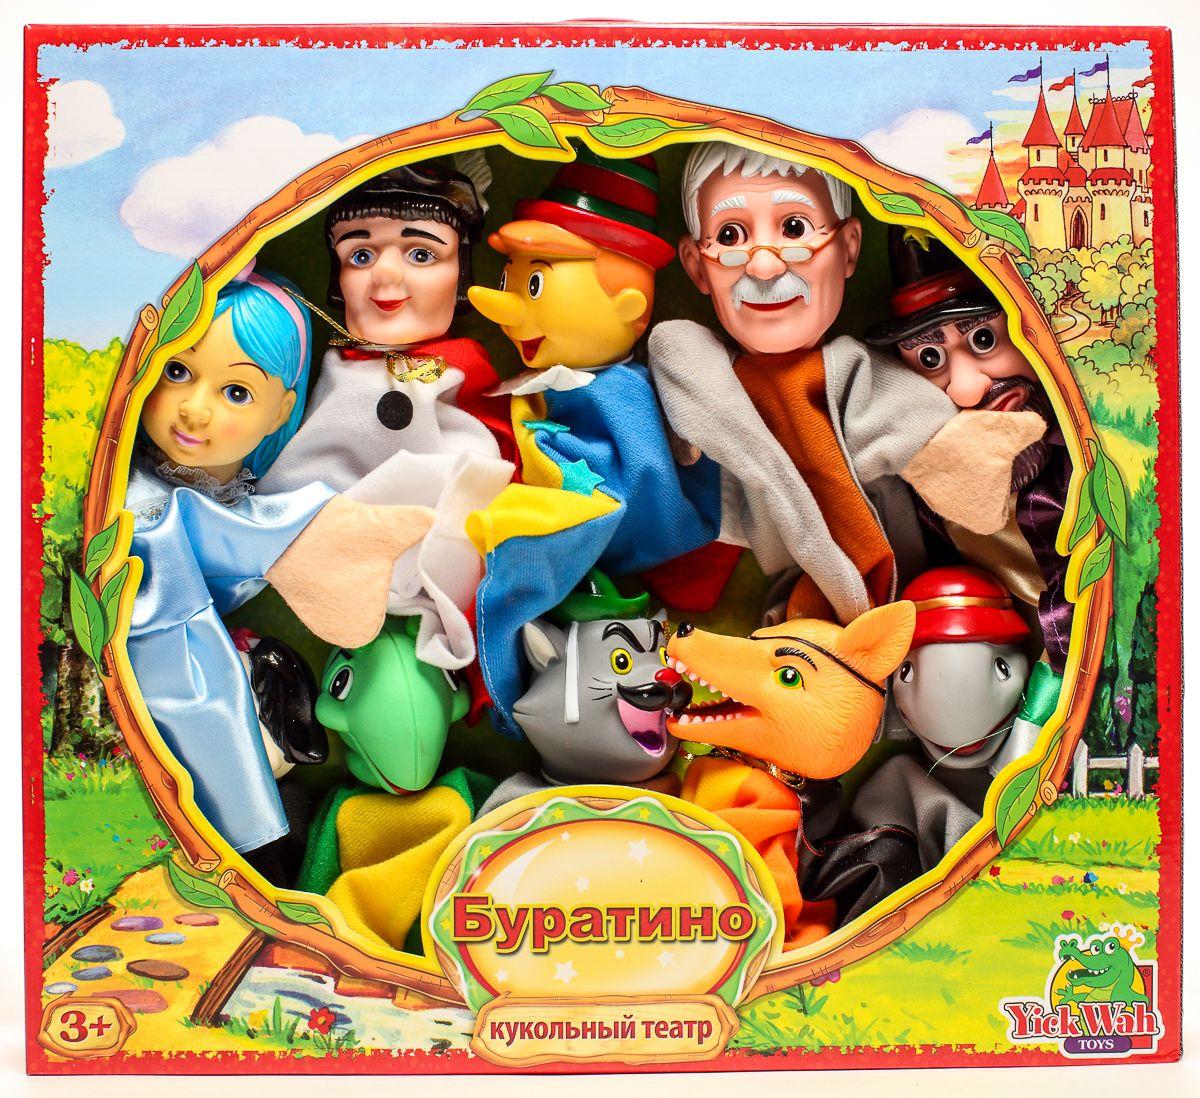 Yick Wah Кукольный театр Буратино7142/5SКукольный театр создан на основе всем известной сказки.Набор состоит из 9-и кукол-марионеток большого размера,одевающихся на кисть руки.Куклы обладают высокой прочностью,безопасностью.Доставляют малышам масс приятных и радостных эмоций